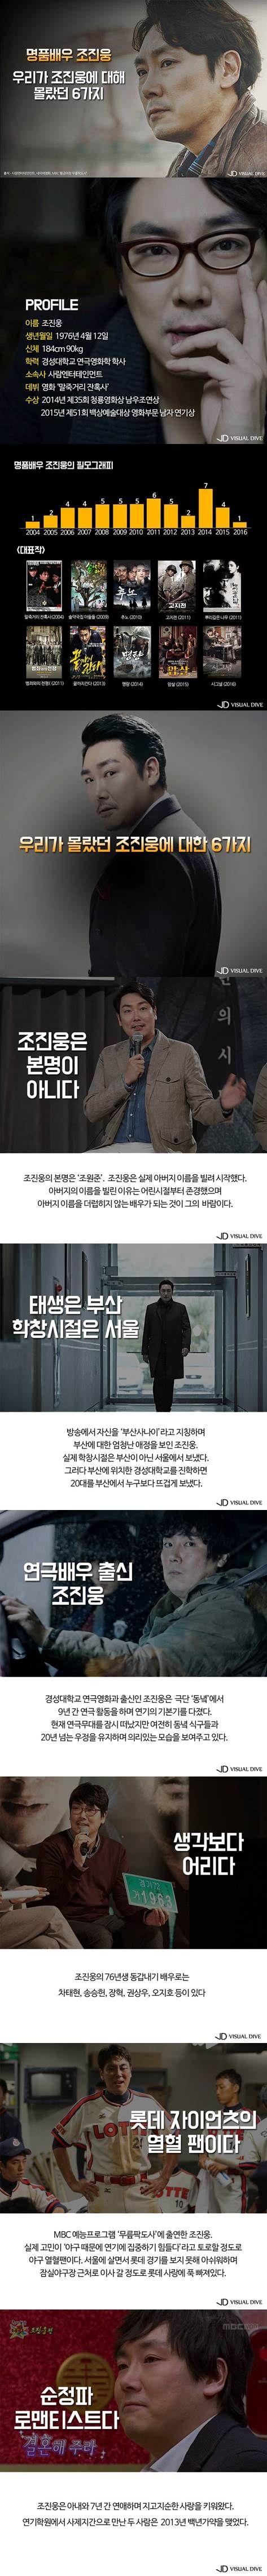 '시그널' 절대 카리스마 조진웅에 대해 몰랐던 6가지 [카드뉴스] #actor / #cardnews ⓒ 비주얼다이브 무단 복사·전재·재배포 금지